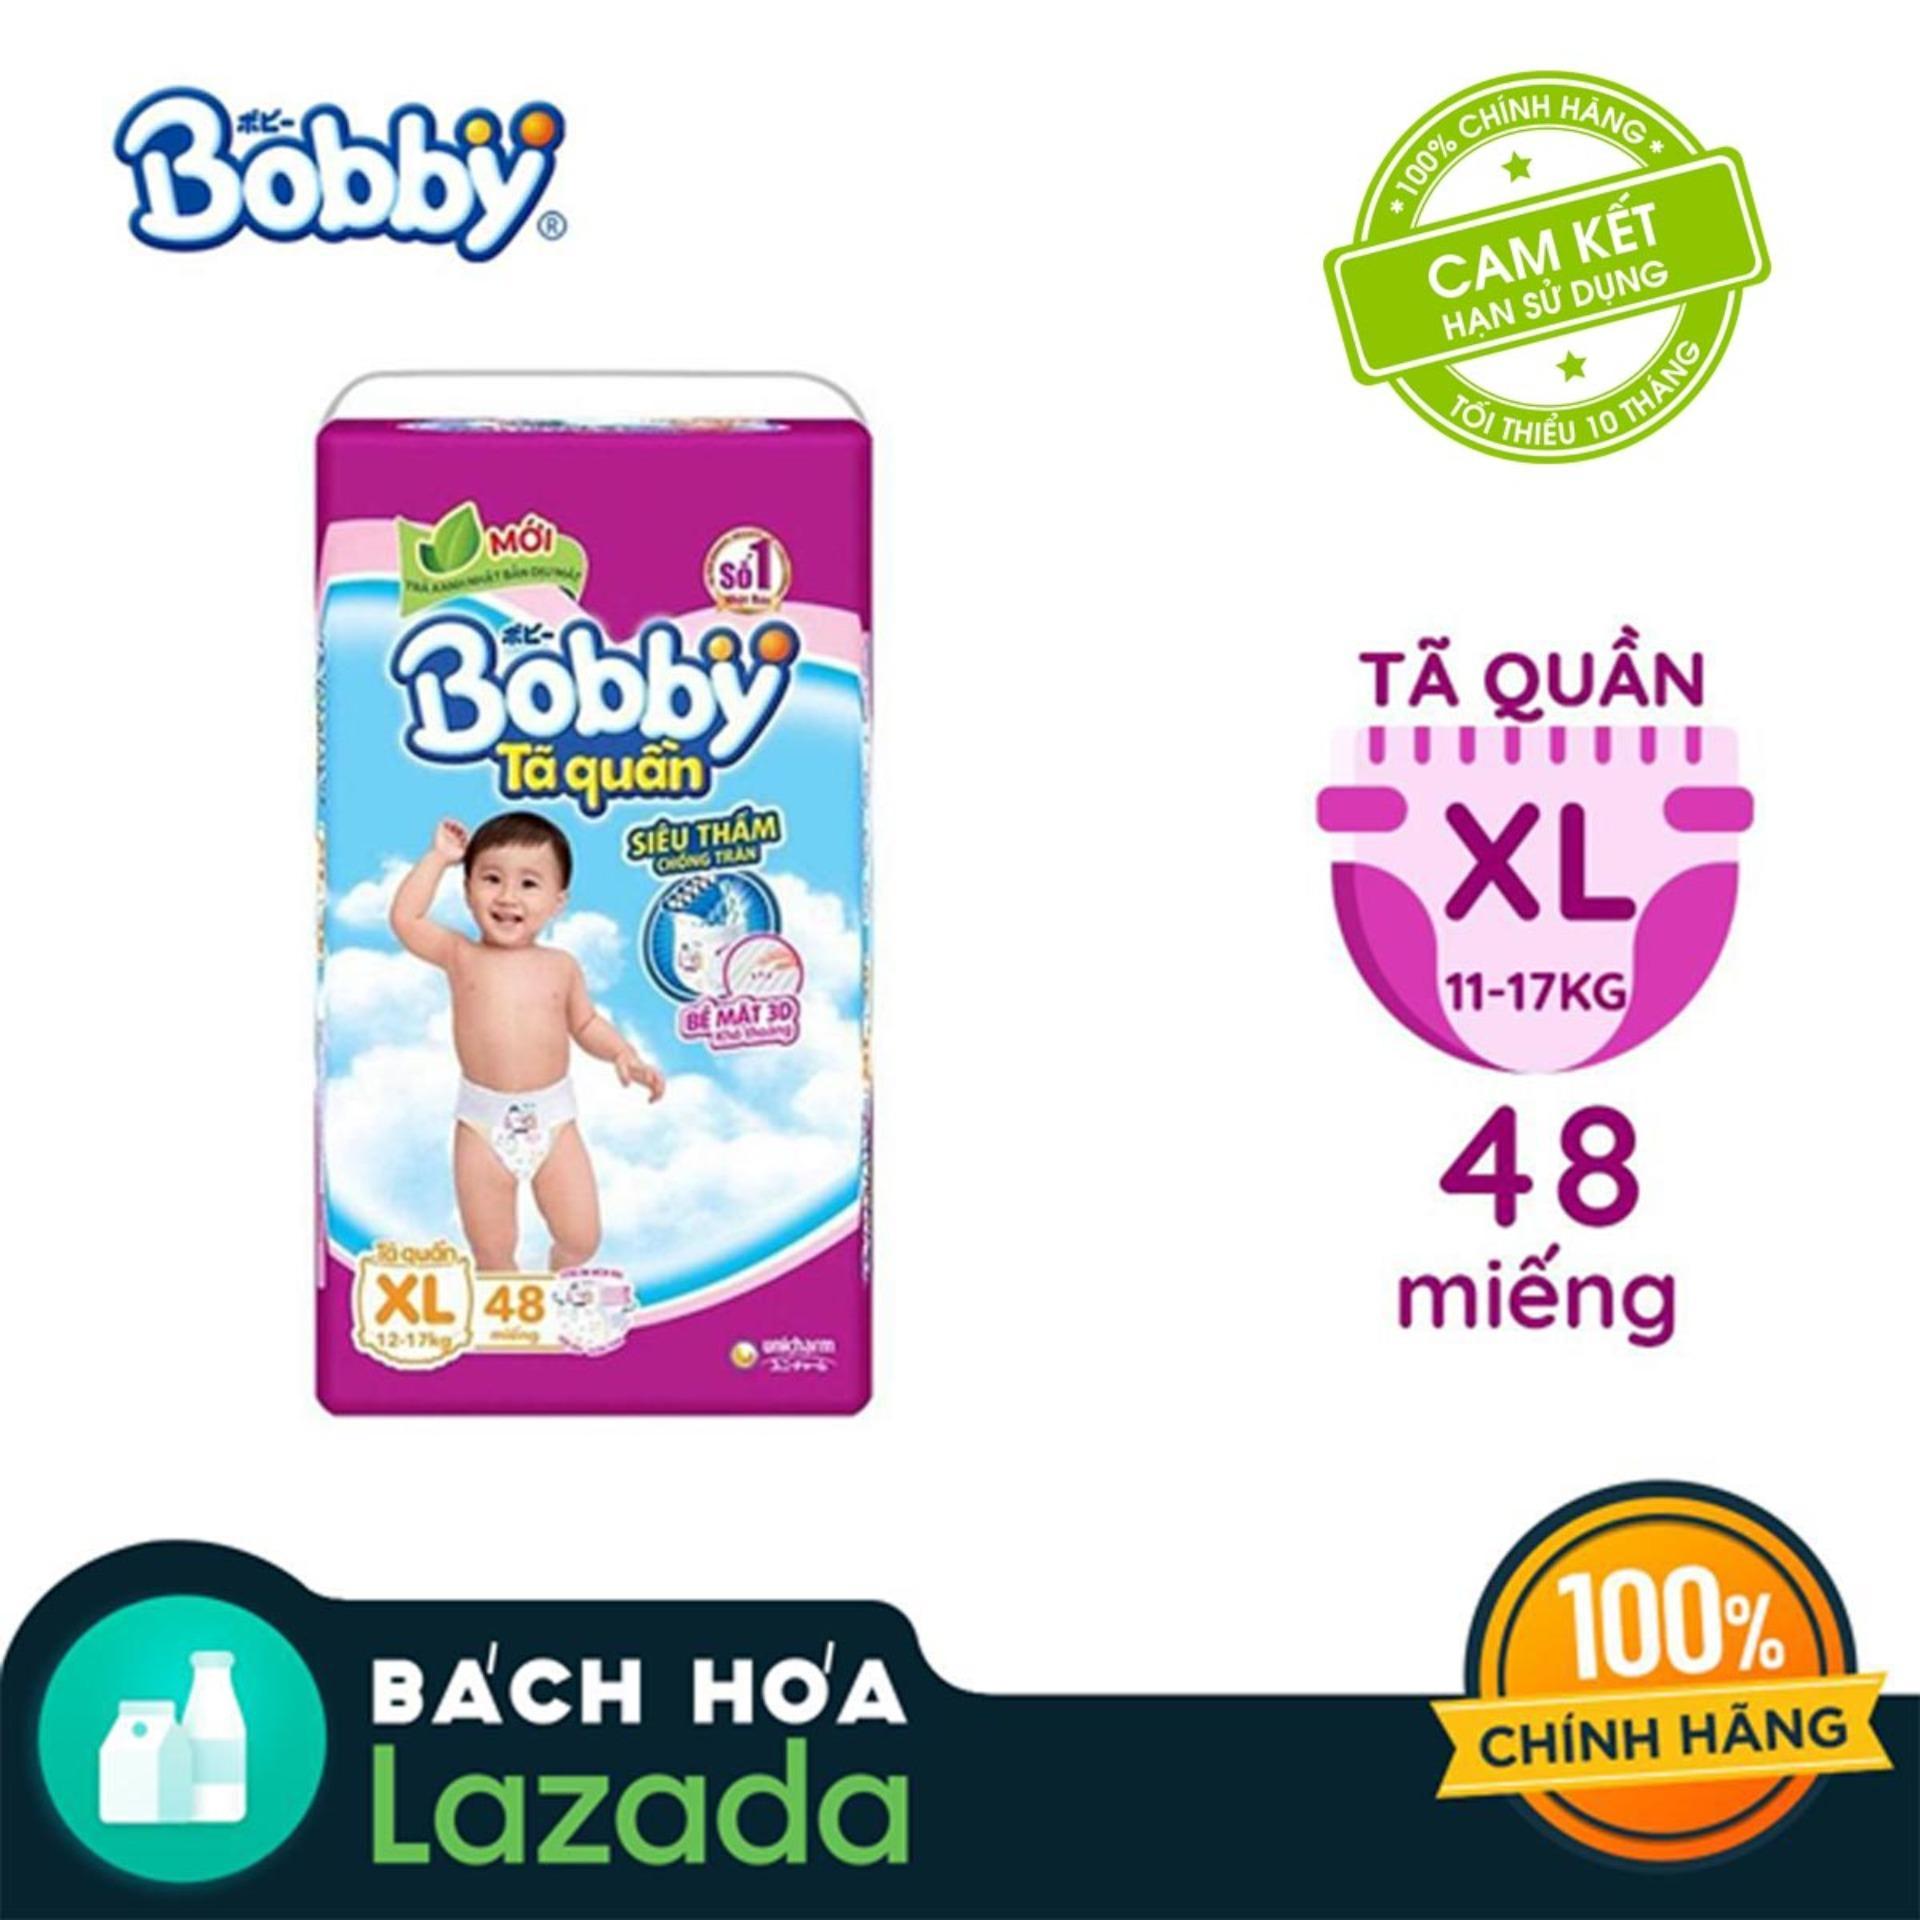 [Tiết kiệm] Tã/Bỉm quần Bobby gói siêu lớn XL-48 miếng...